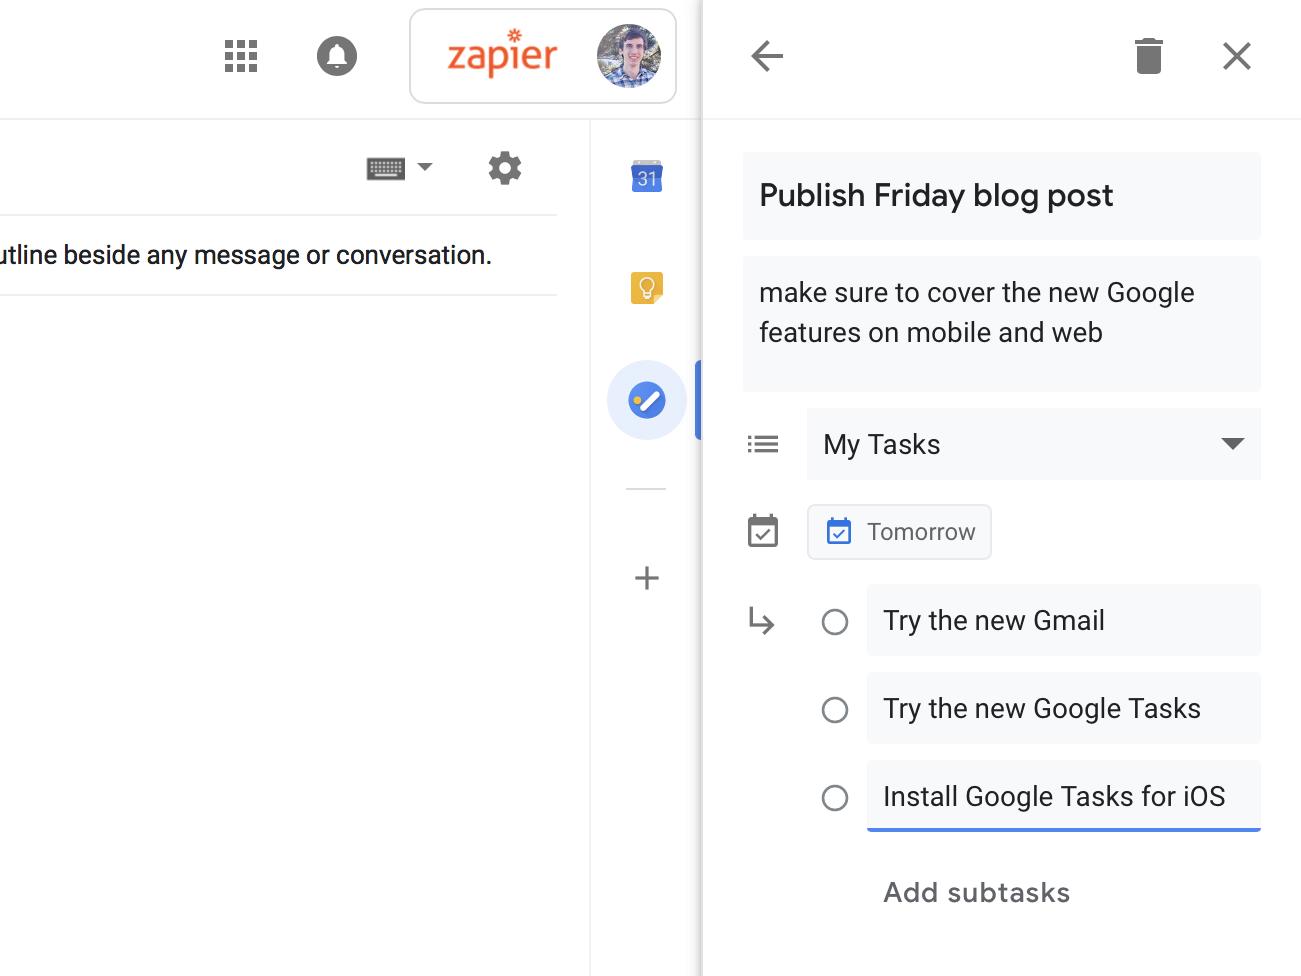 Google Tasks details